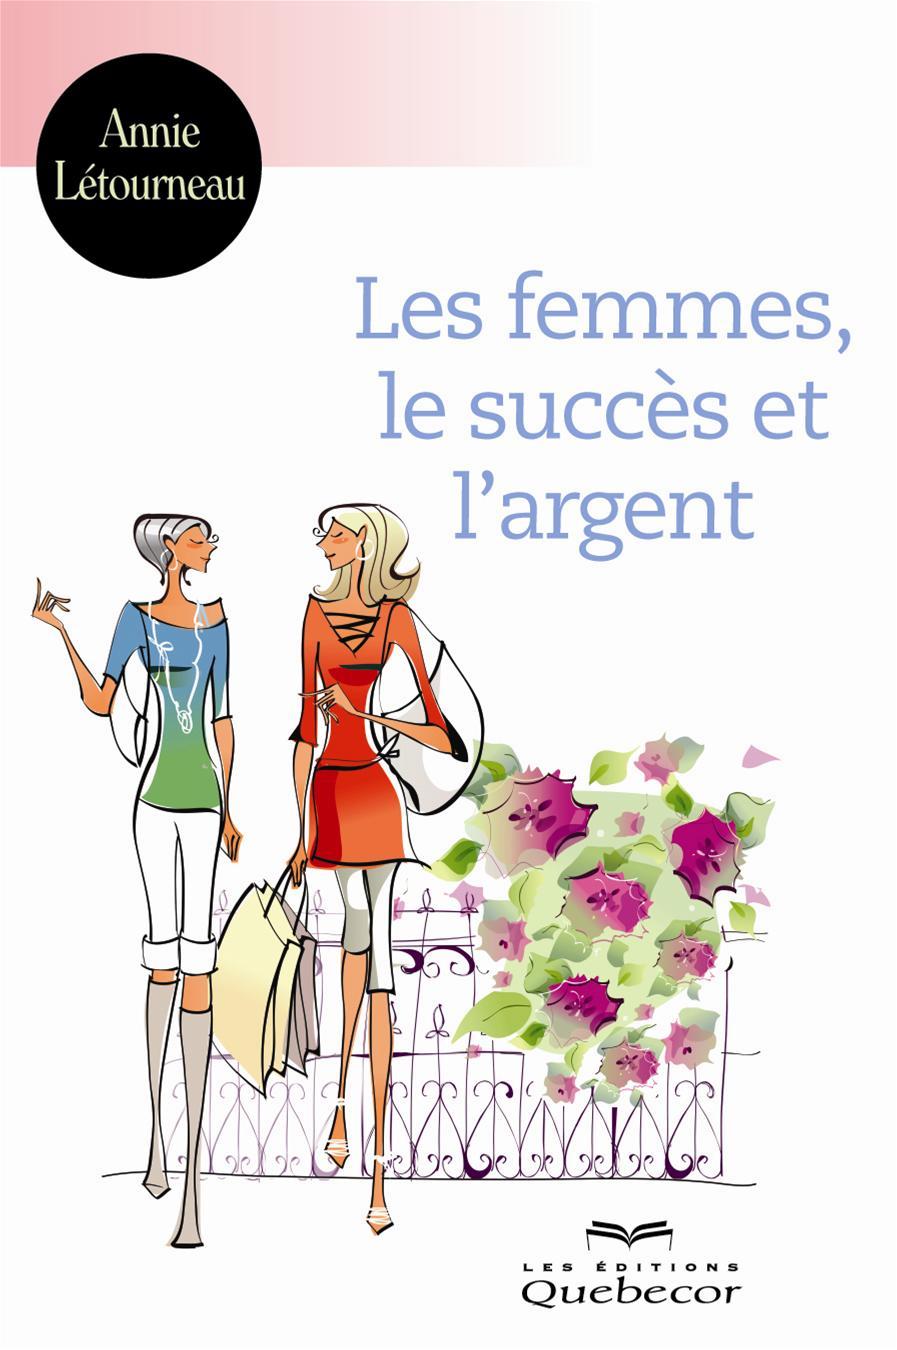 Les femmes, le succès et l'argent